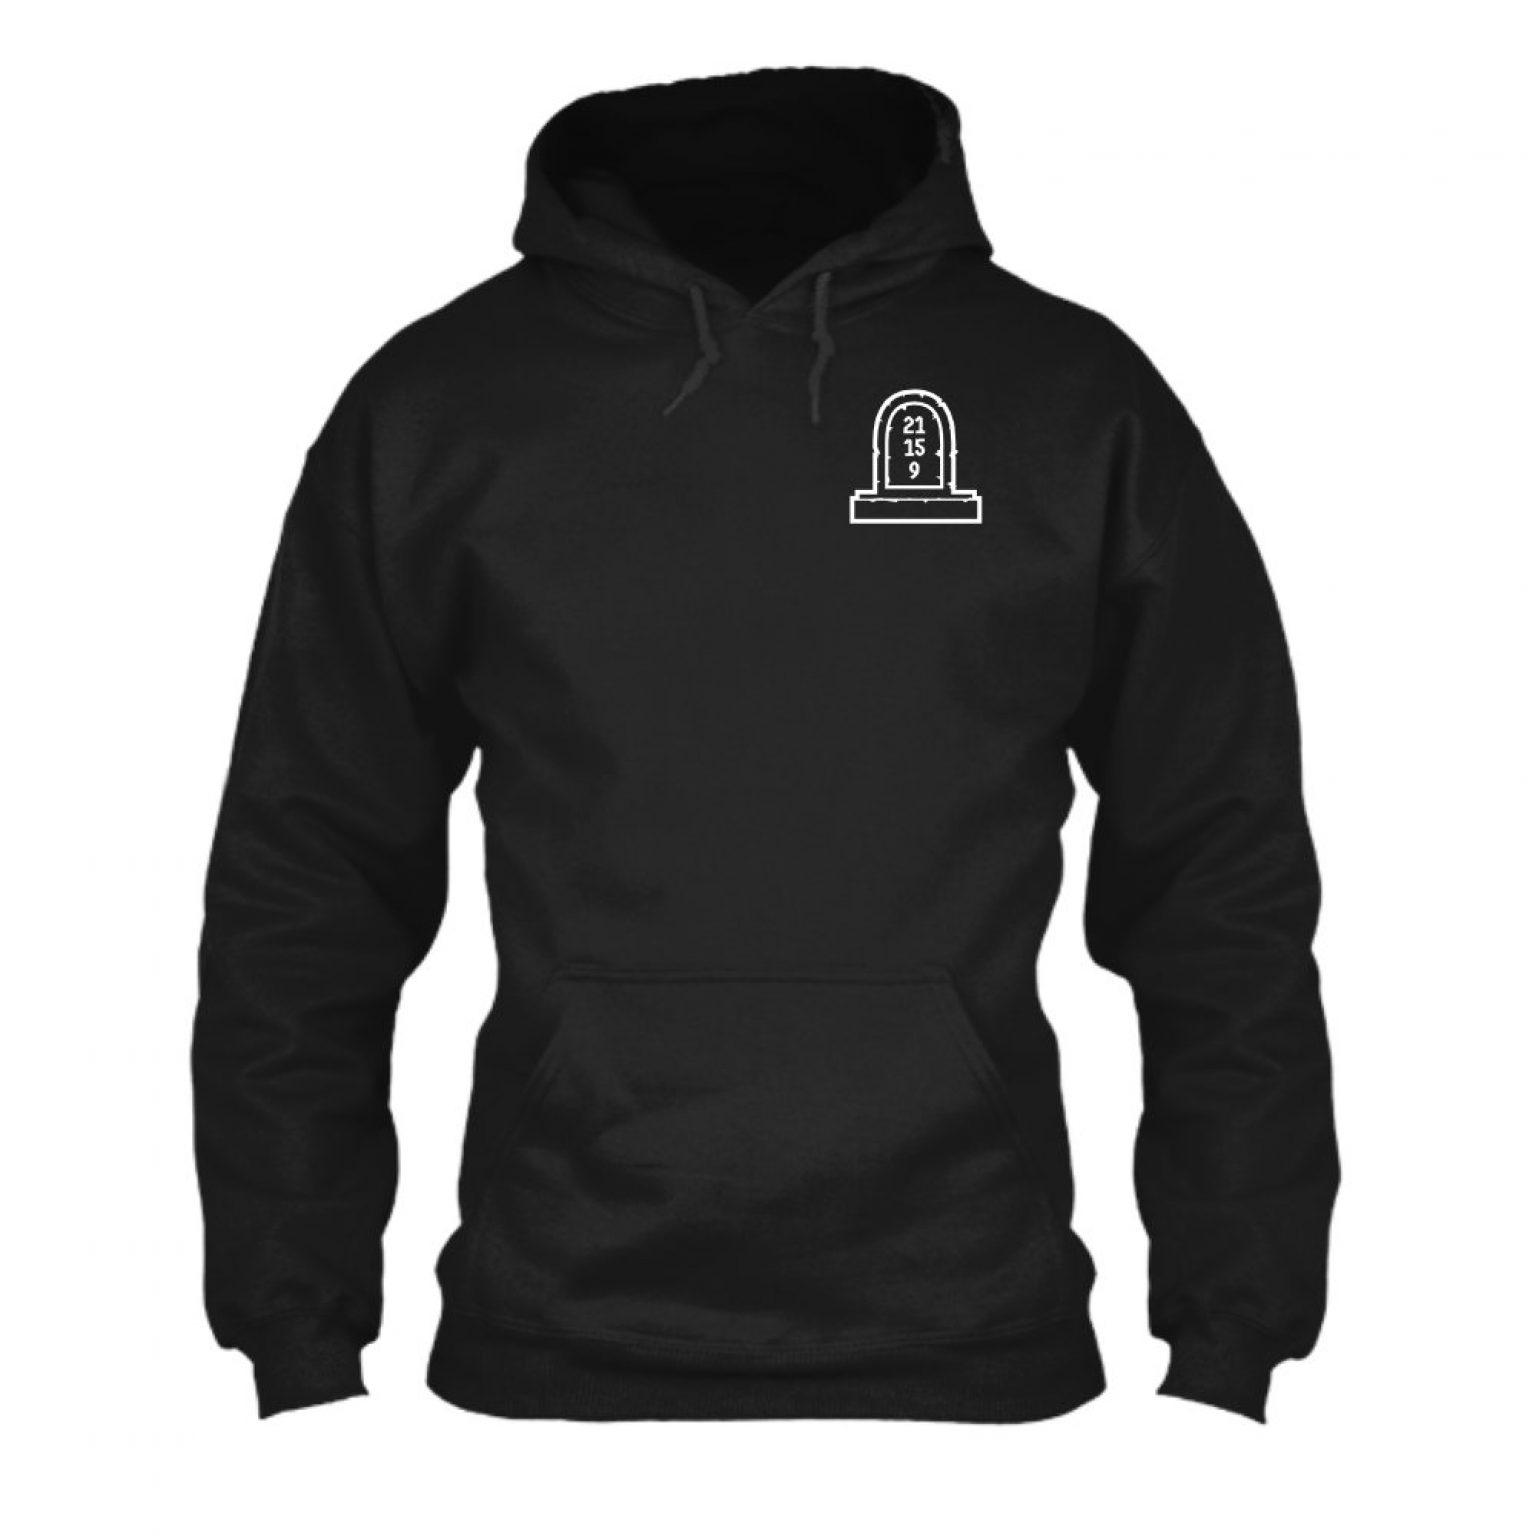 3numbers herren hoodie black front